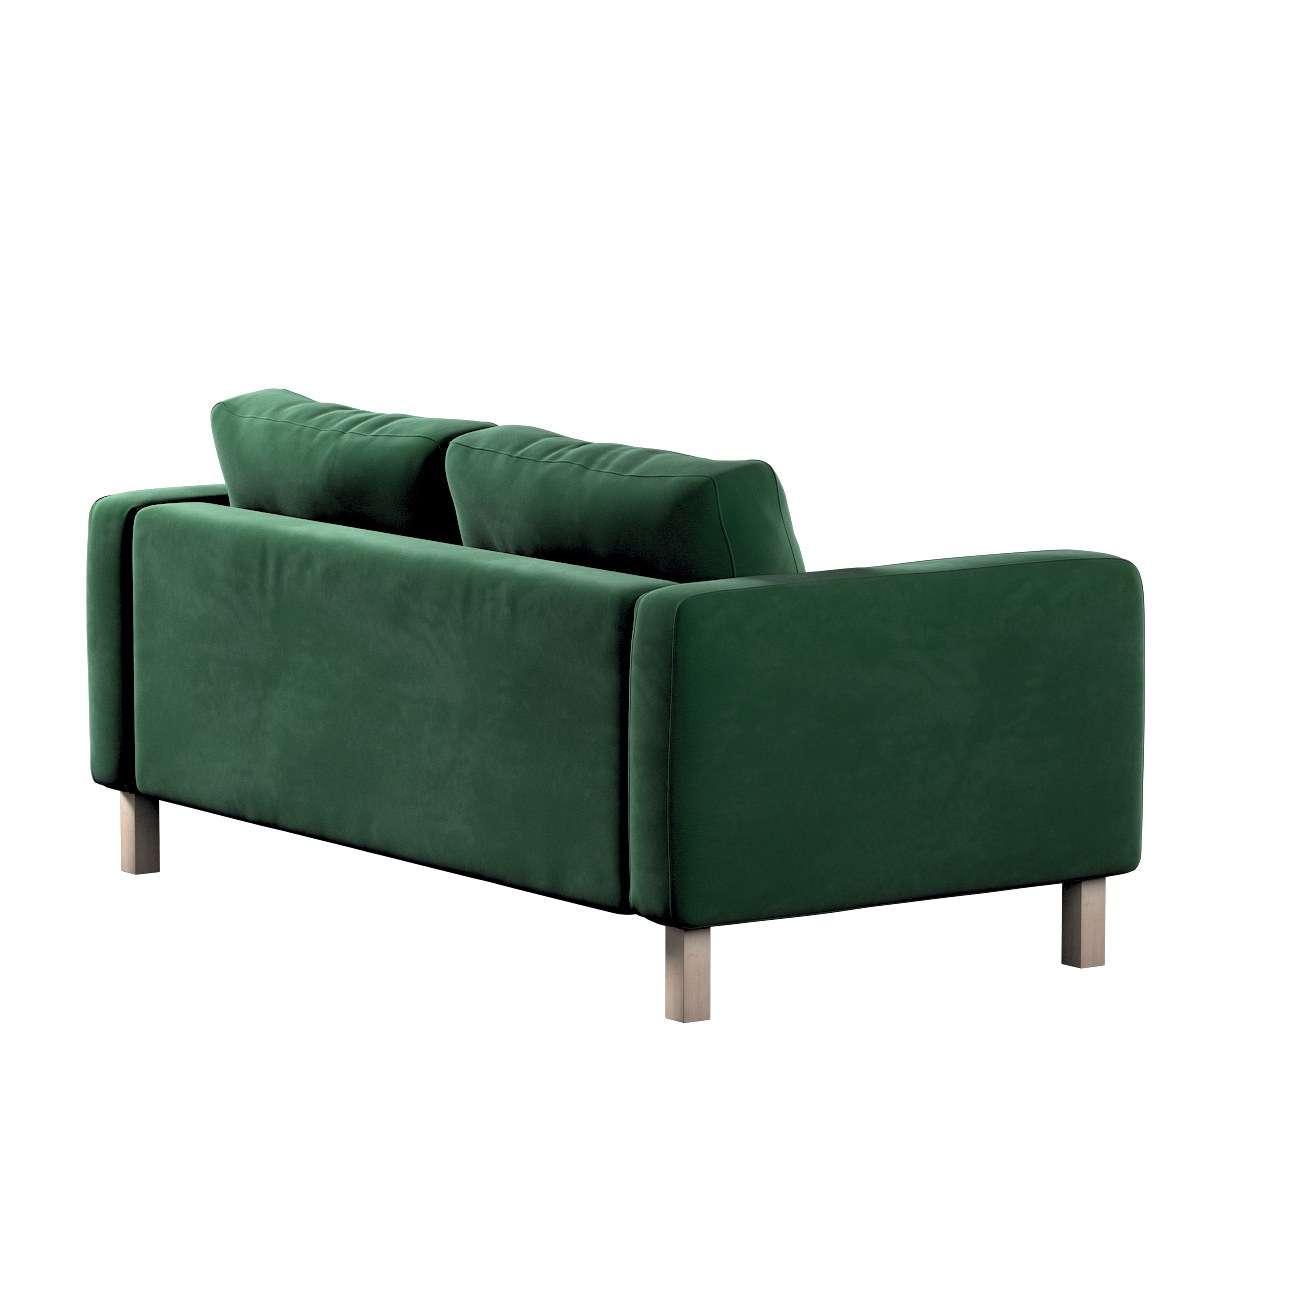 Pokrowiec na sofę Karlstad 2-osobową nierozkładaną krótki w kolekcji Velvet, tkanina: 704-13